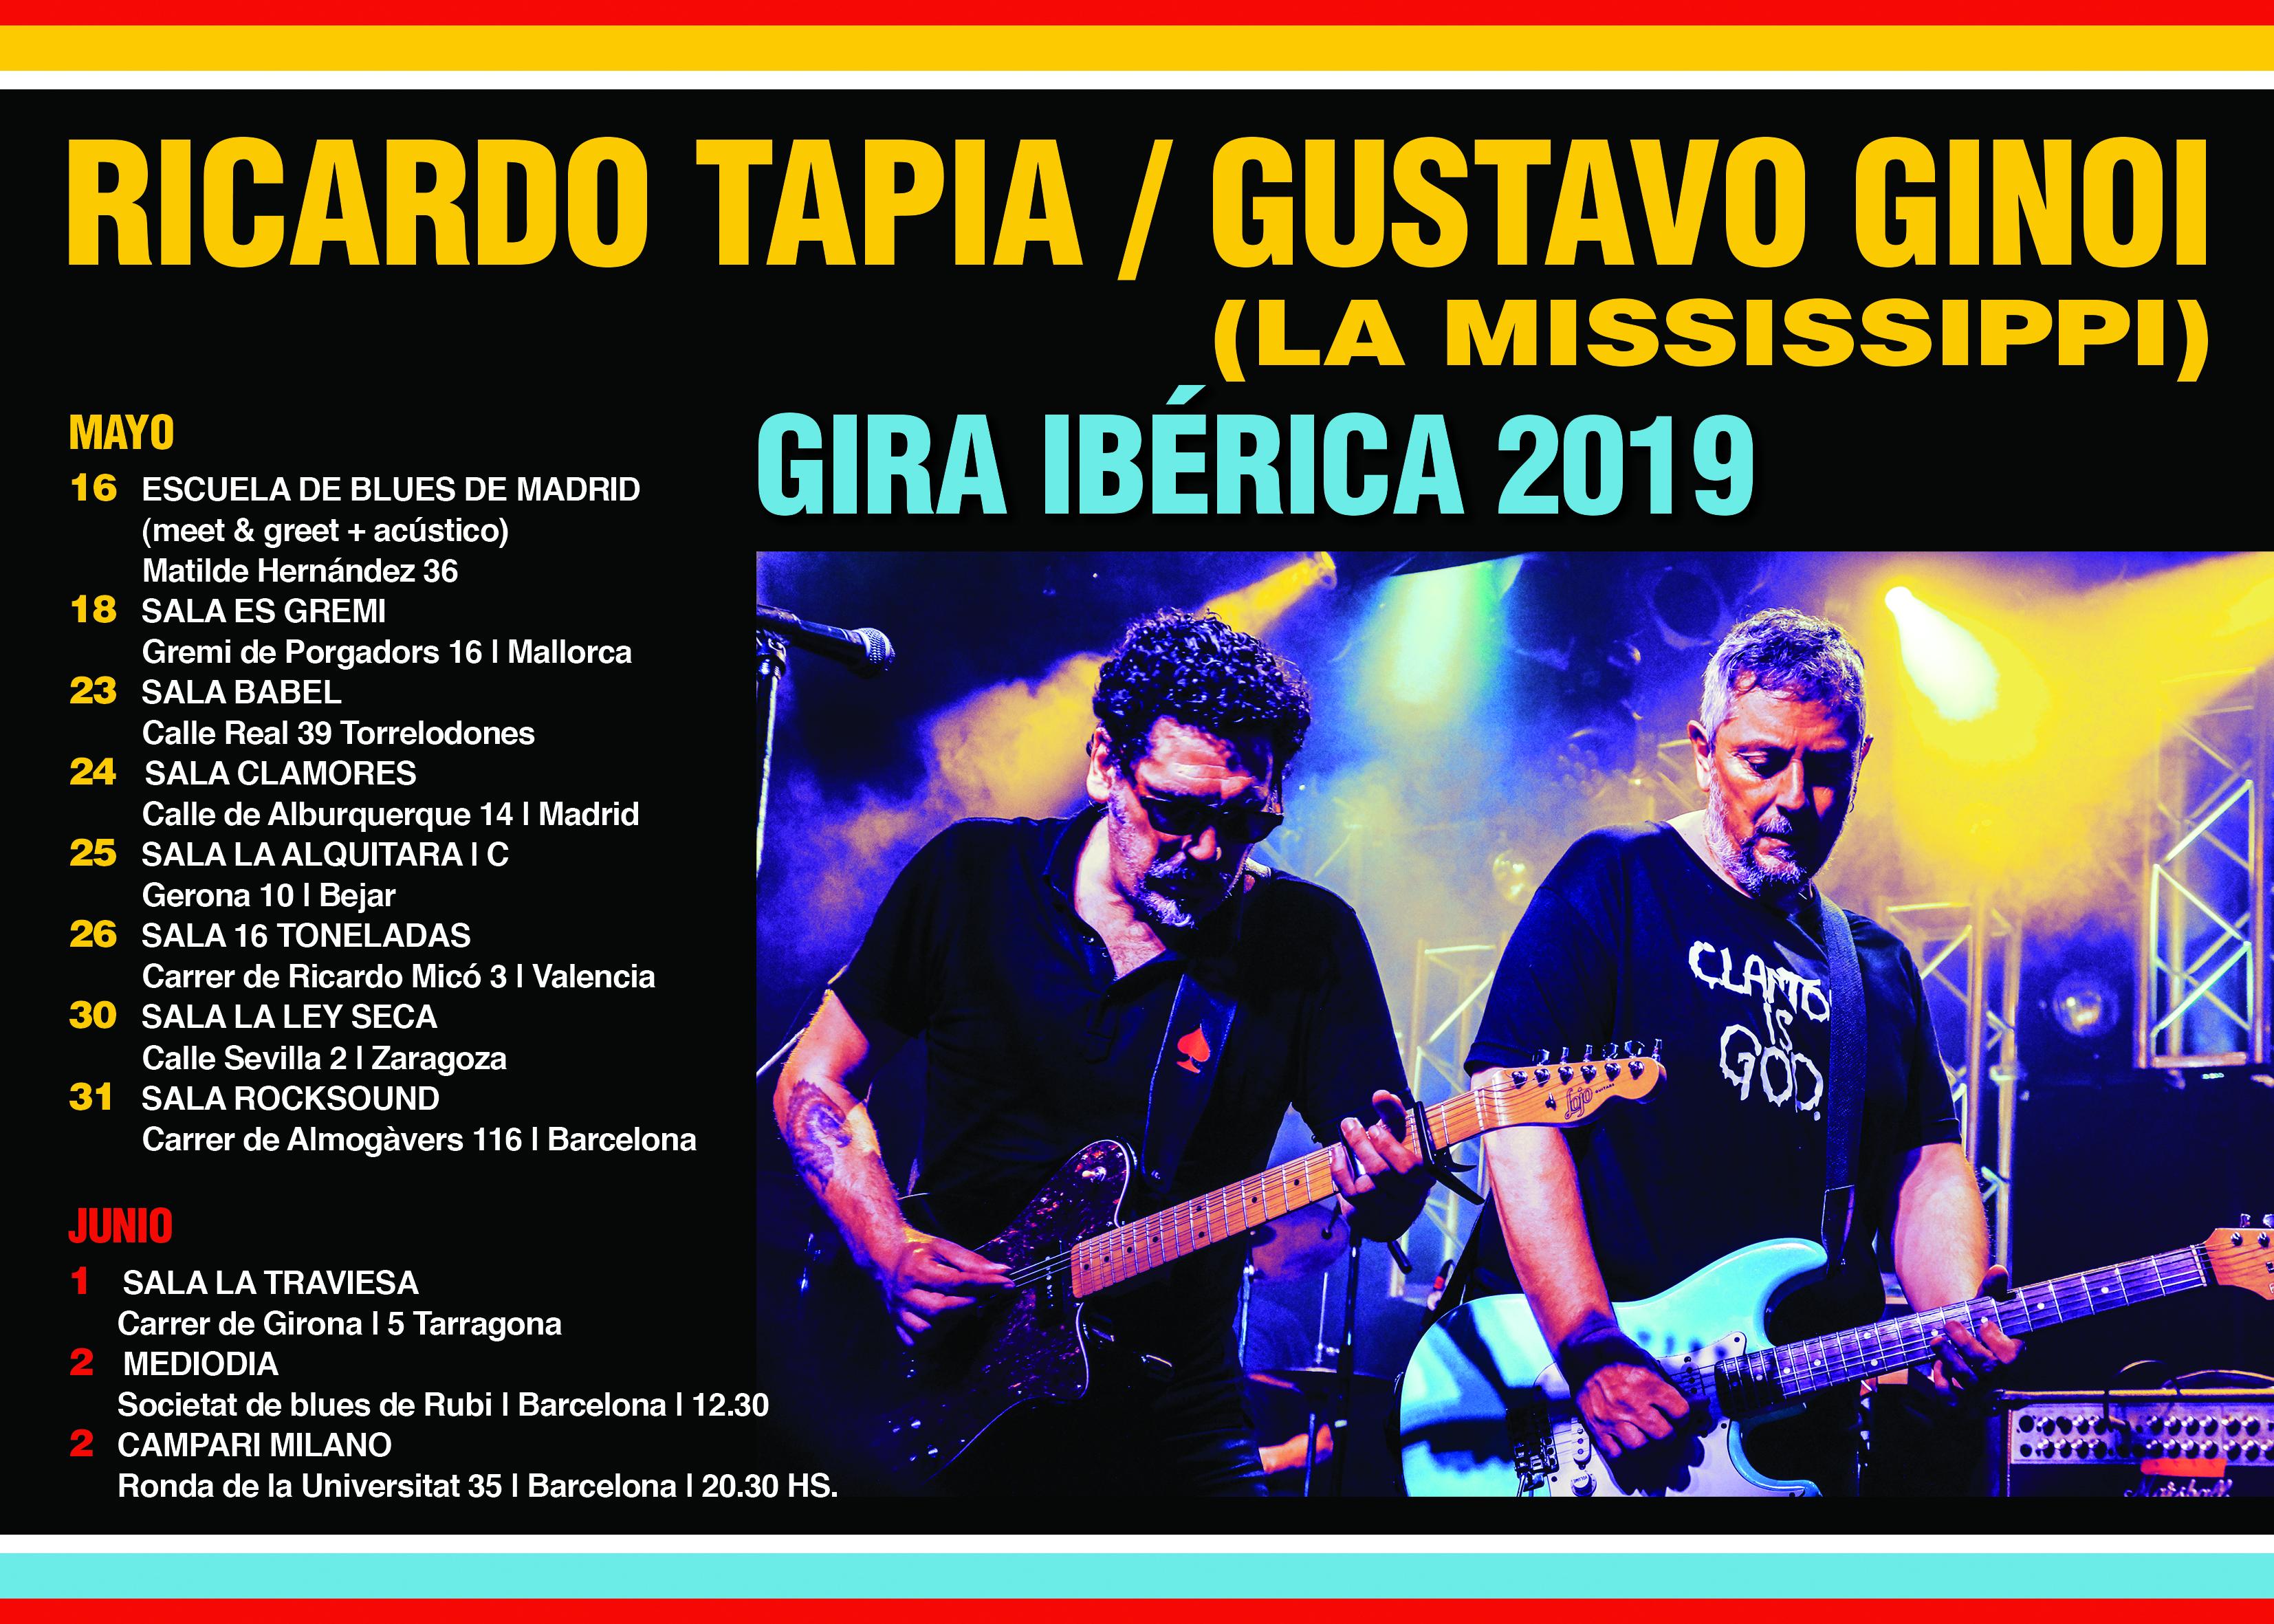 """La Mississippi es una de las bandas de Blues más importante de Argentina. Acaban de festejar su 30 años ininterrumpidos en un show en el mítico Luna Park de Bs.As. para 6000 personas. Comenzaron tocando Blues tradicional pero luego gracias a empezar a componer en español y con letras actuales llegaron al gran público con éxitos como """"Café Madrid"""", """" Blues del equipaje"""", """"San Cayetano"""" y otros.  En Mayo, parte de la Mississippi, su cantante Ricardo Tapia y su guitarrista Gustavo Ginoi estarán en España haciendo una gira tanto en formato dúo y en formato banda eléctrica acompañados por el también argentino José Luis Pardo y su banda, repasando tanto clásicos del Blues en inglés como sus propios éxitos.  En una de las primeras escalas de esa gira se presentarán en la Escuela de Blues de Madrid para dar un concierto acústico exclusivo en el que además se podrá conversar con los protagonistas en un formato íntimo e interactivo."""